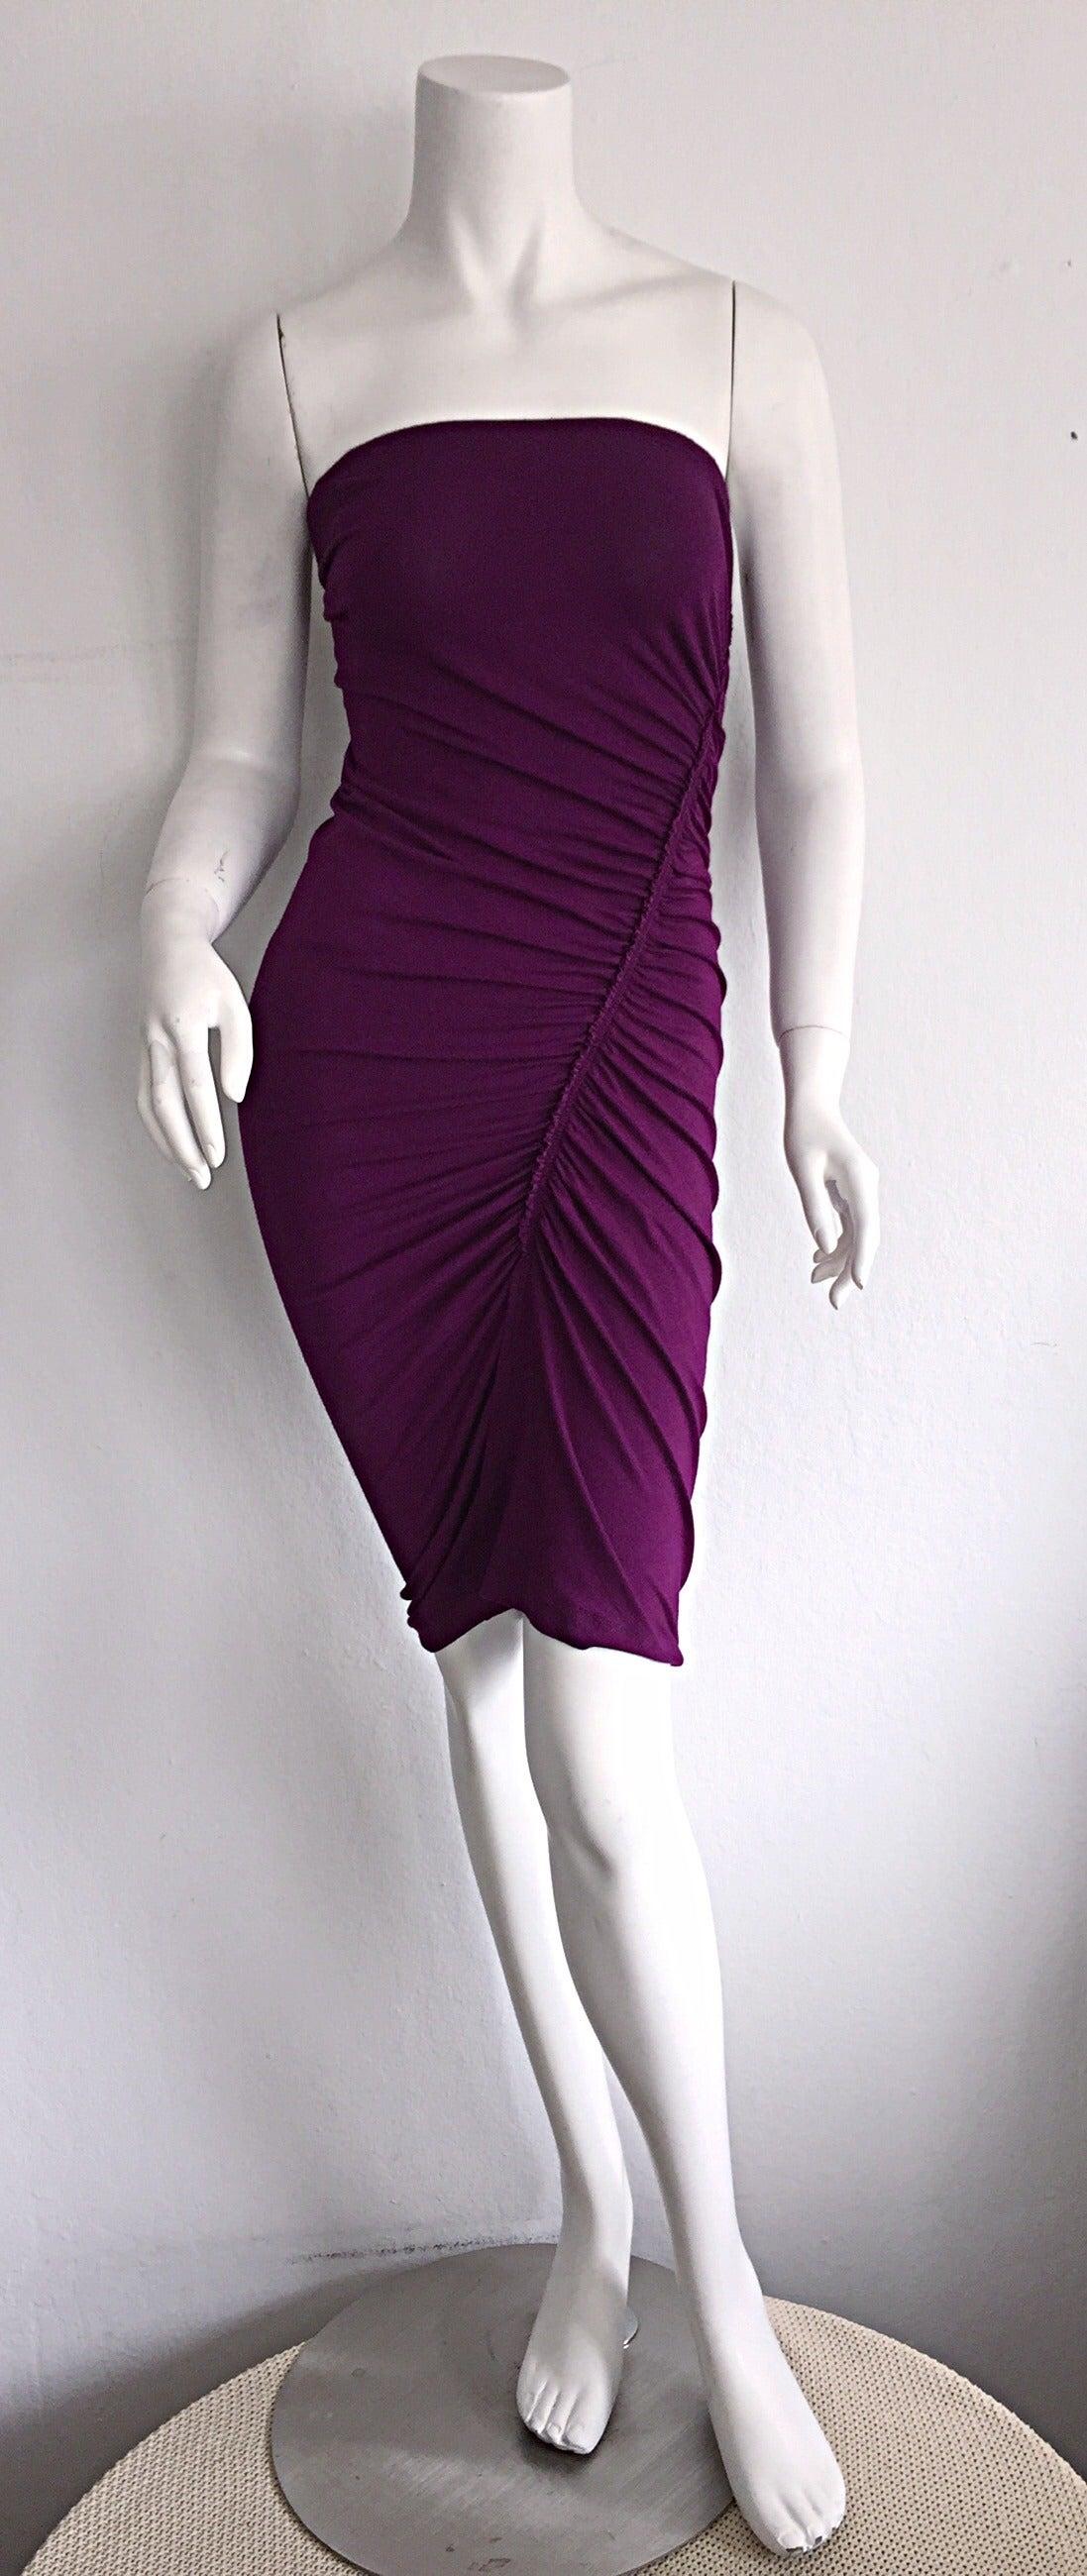 Brand New Donna Karan ' Black Label ' Fall 2010 Purple Ruched Runway Dress 7